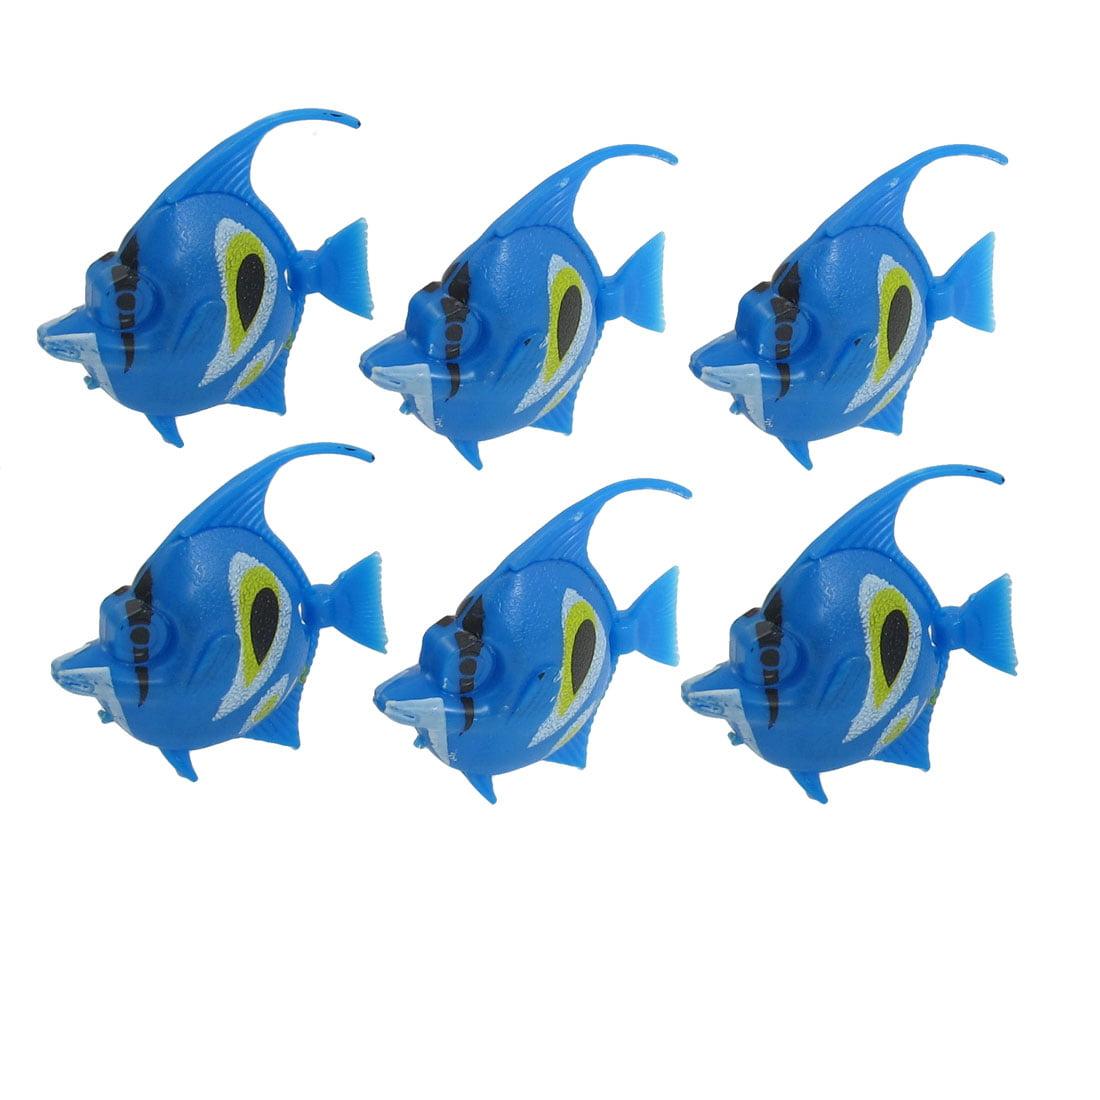 Unique Bargains Aquarium Movable Tail Yellow White Blue Stripes Tropical Fish Decoration 6 Pcs